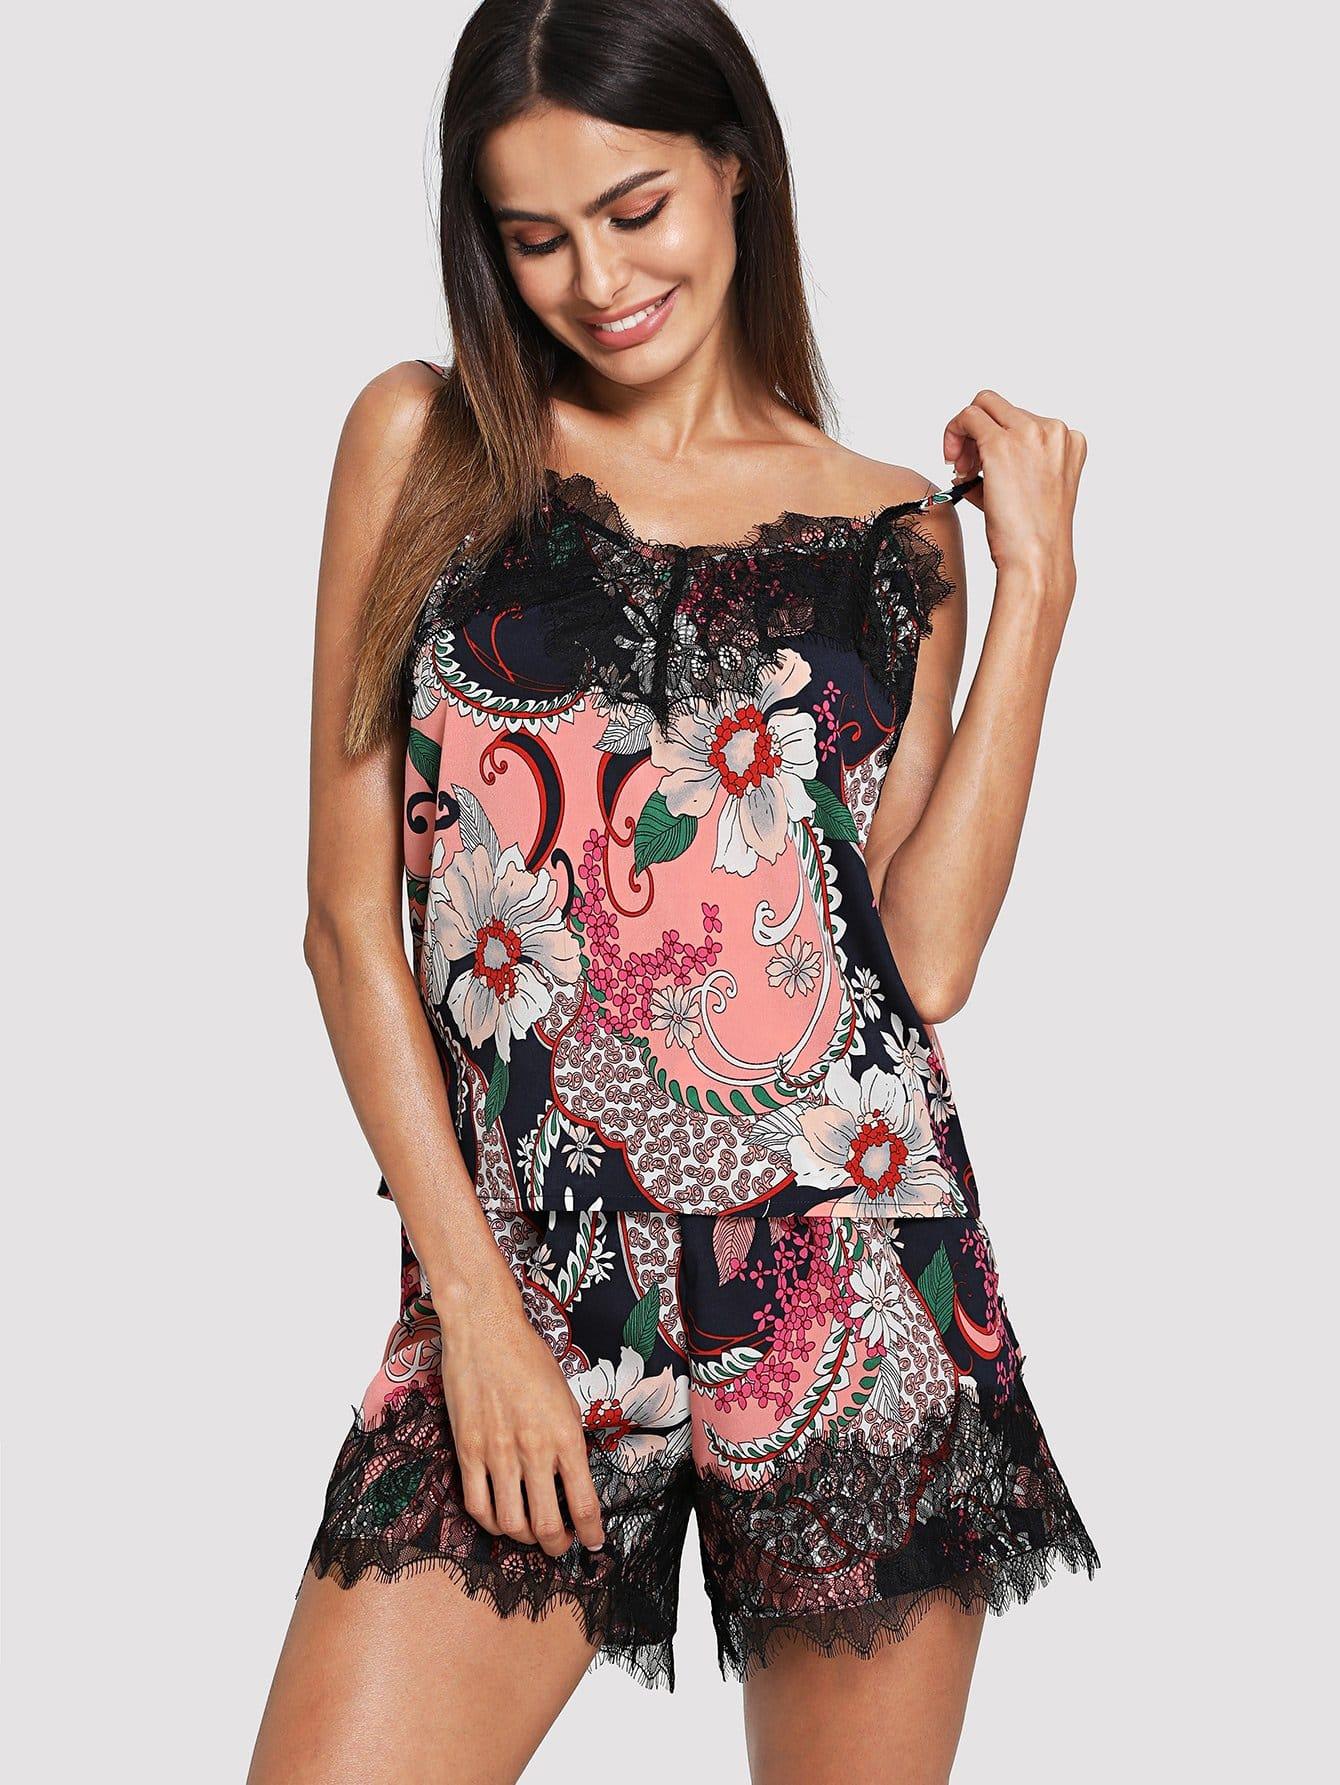 Lace Applique Floral Cami & Shorts PJ Set floral applique bowknot top with shorts